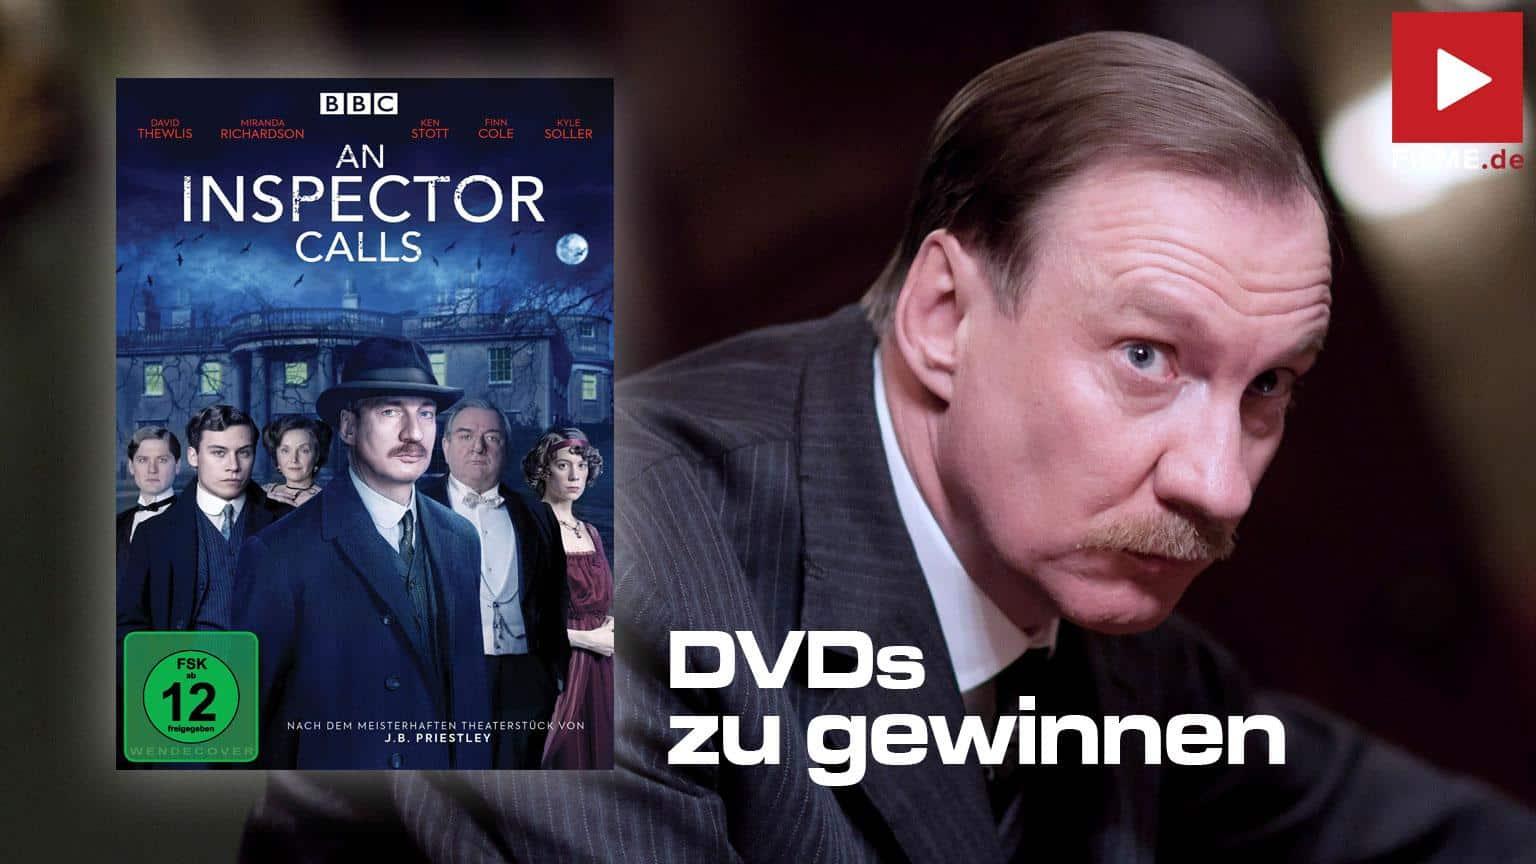 An Inspector calls Gewinnspiel Artkelbild